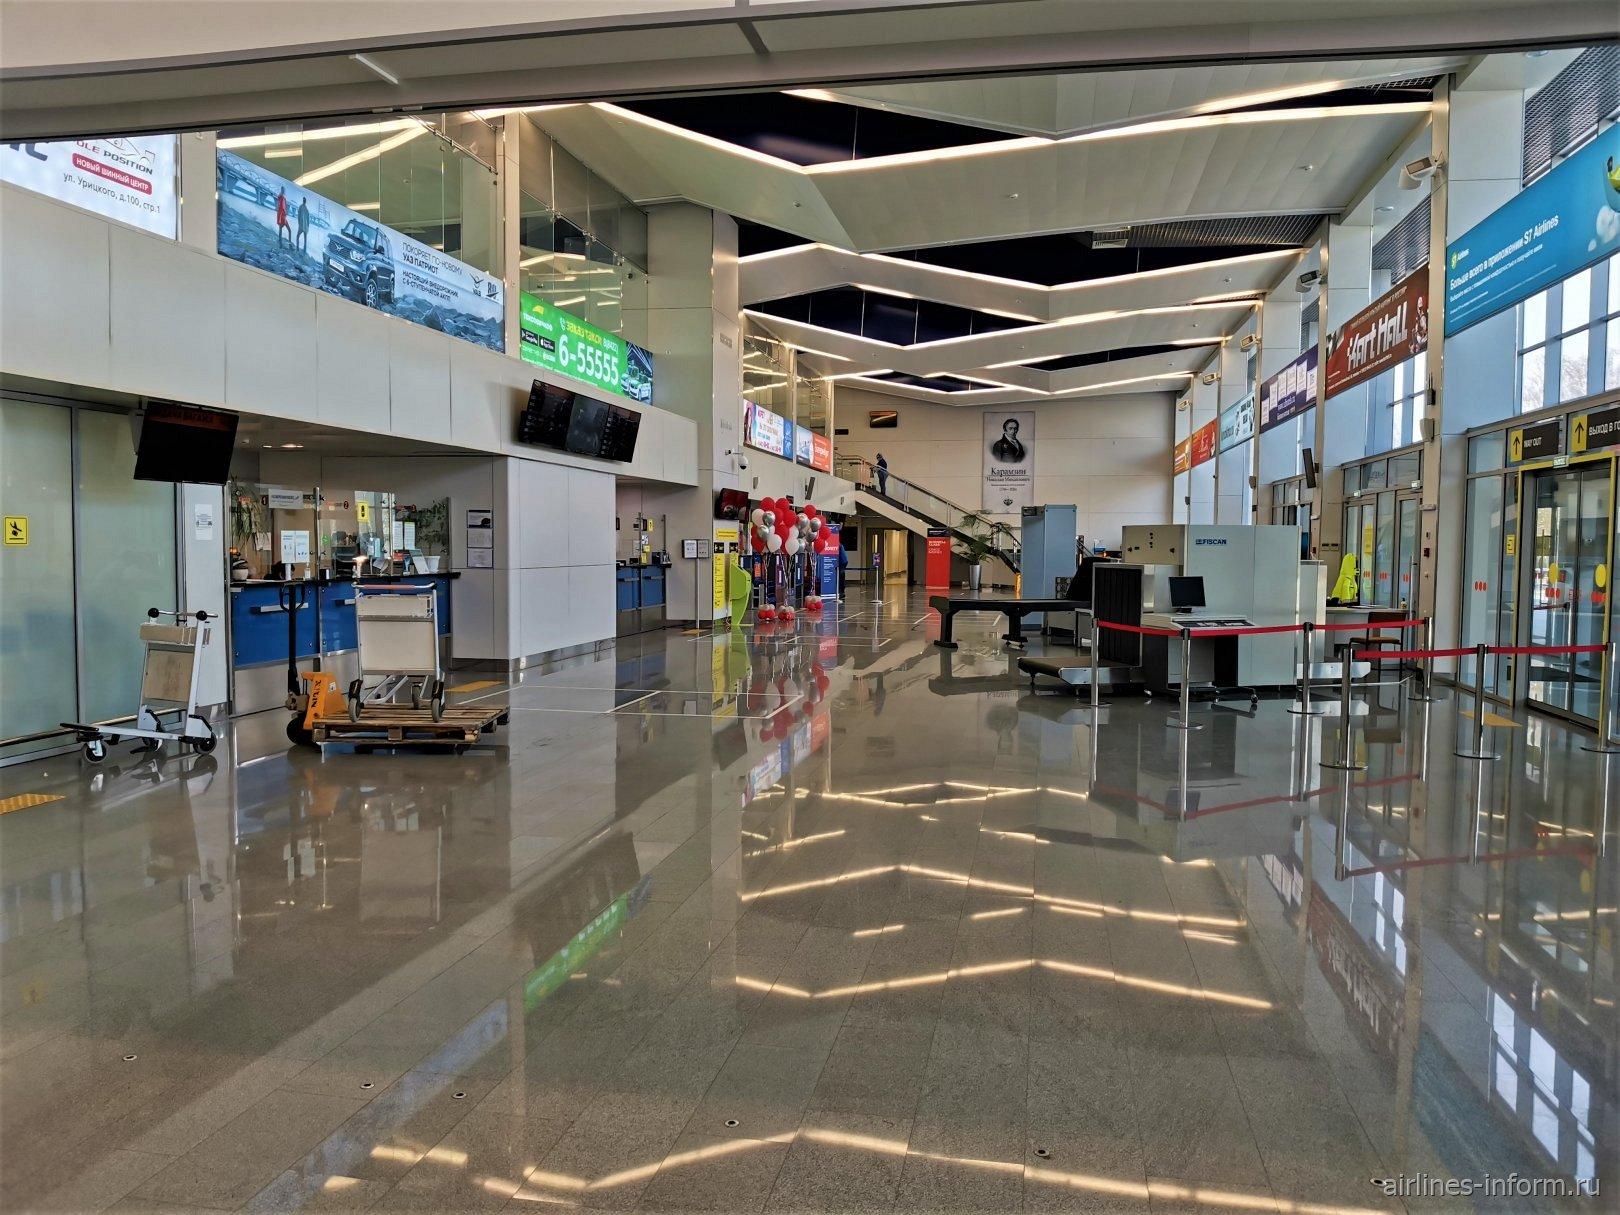 Внутри пассажирского терминала аэропорта Ульяновск Баратаевка